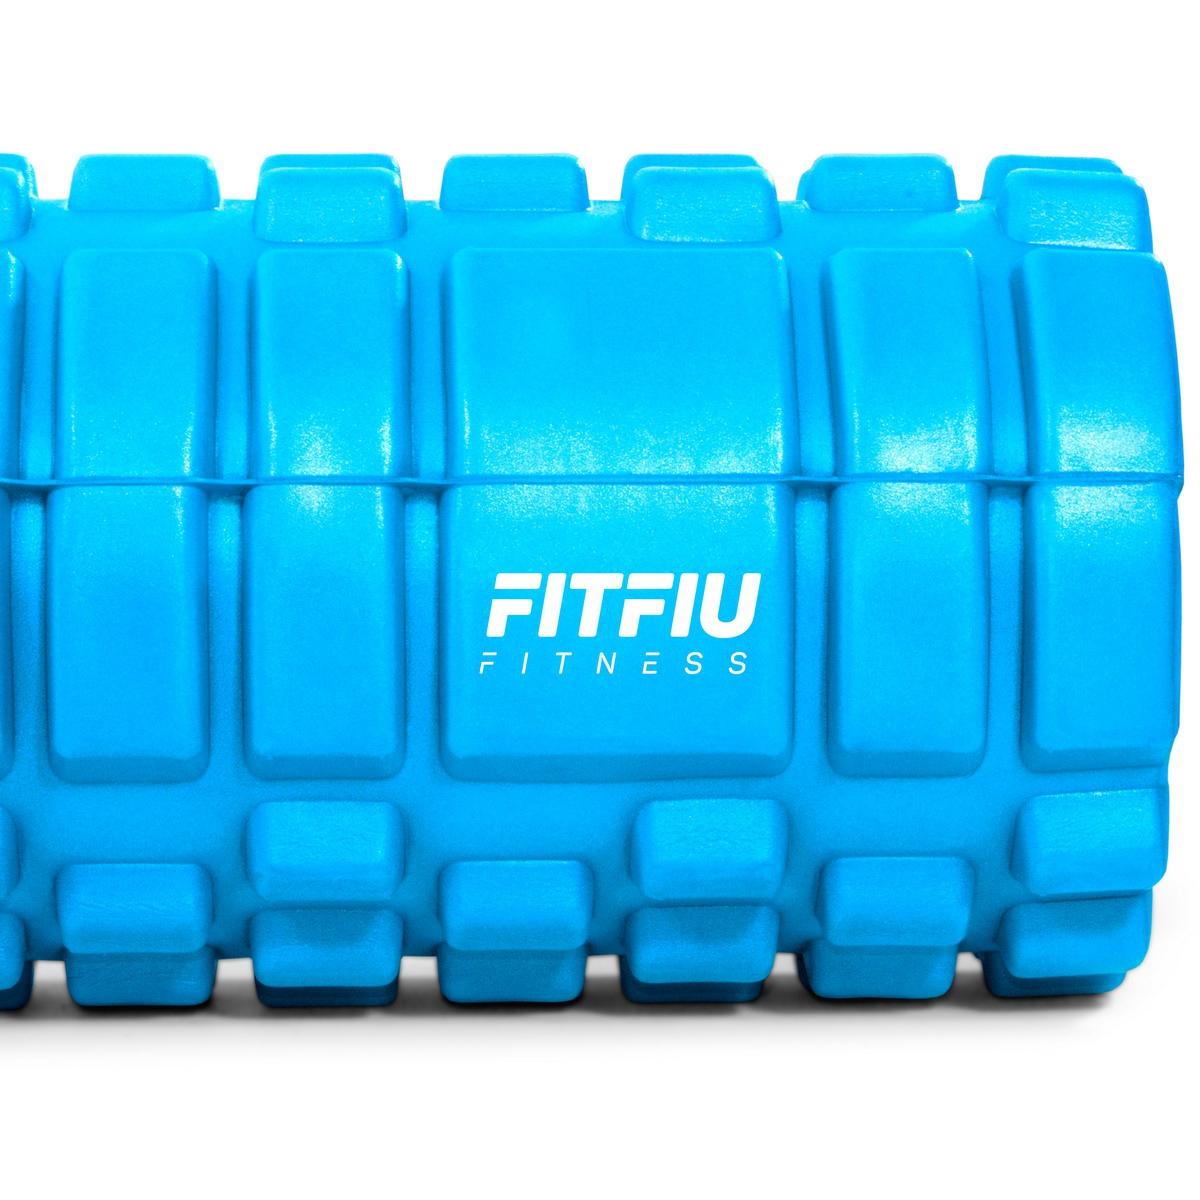 Rodillo Fitness FITFIU